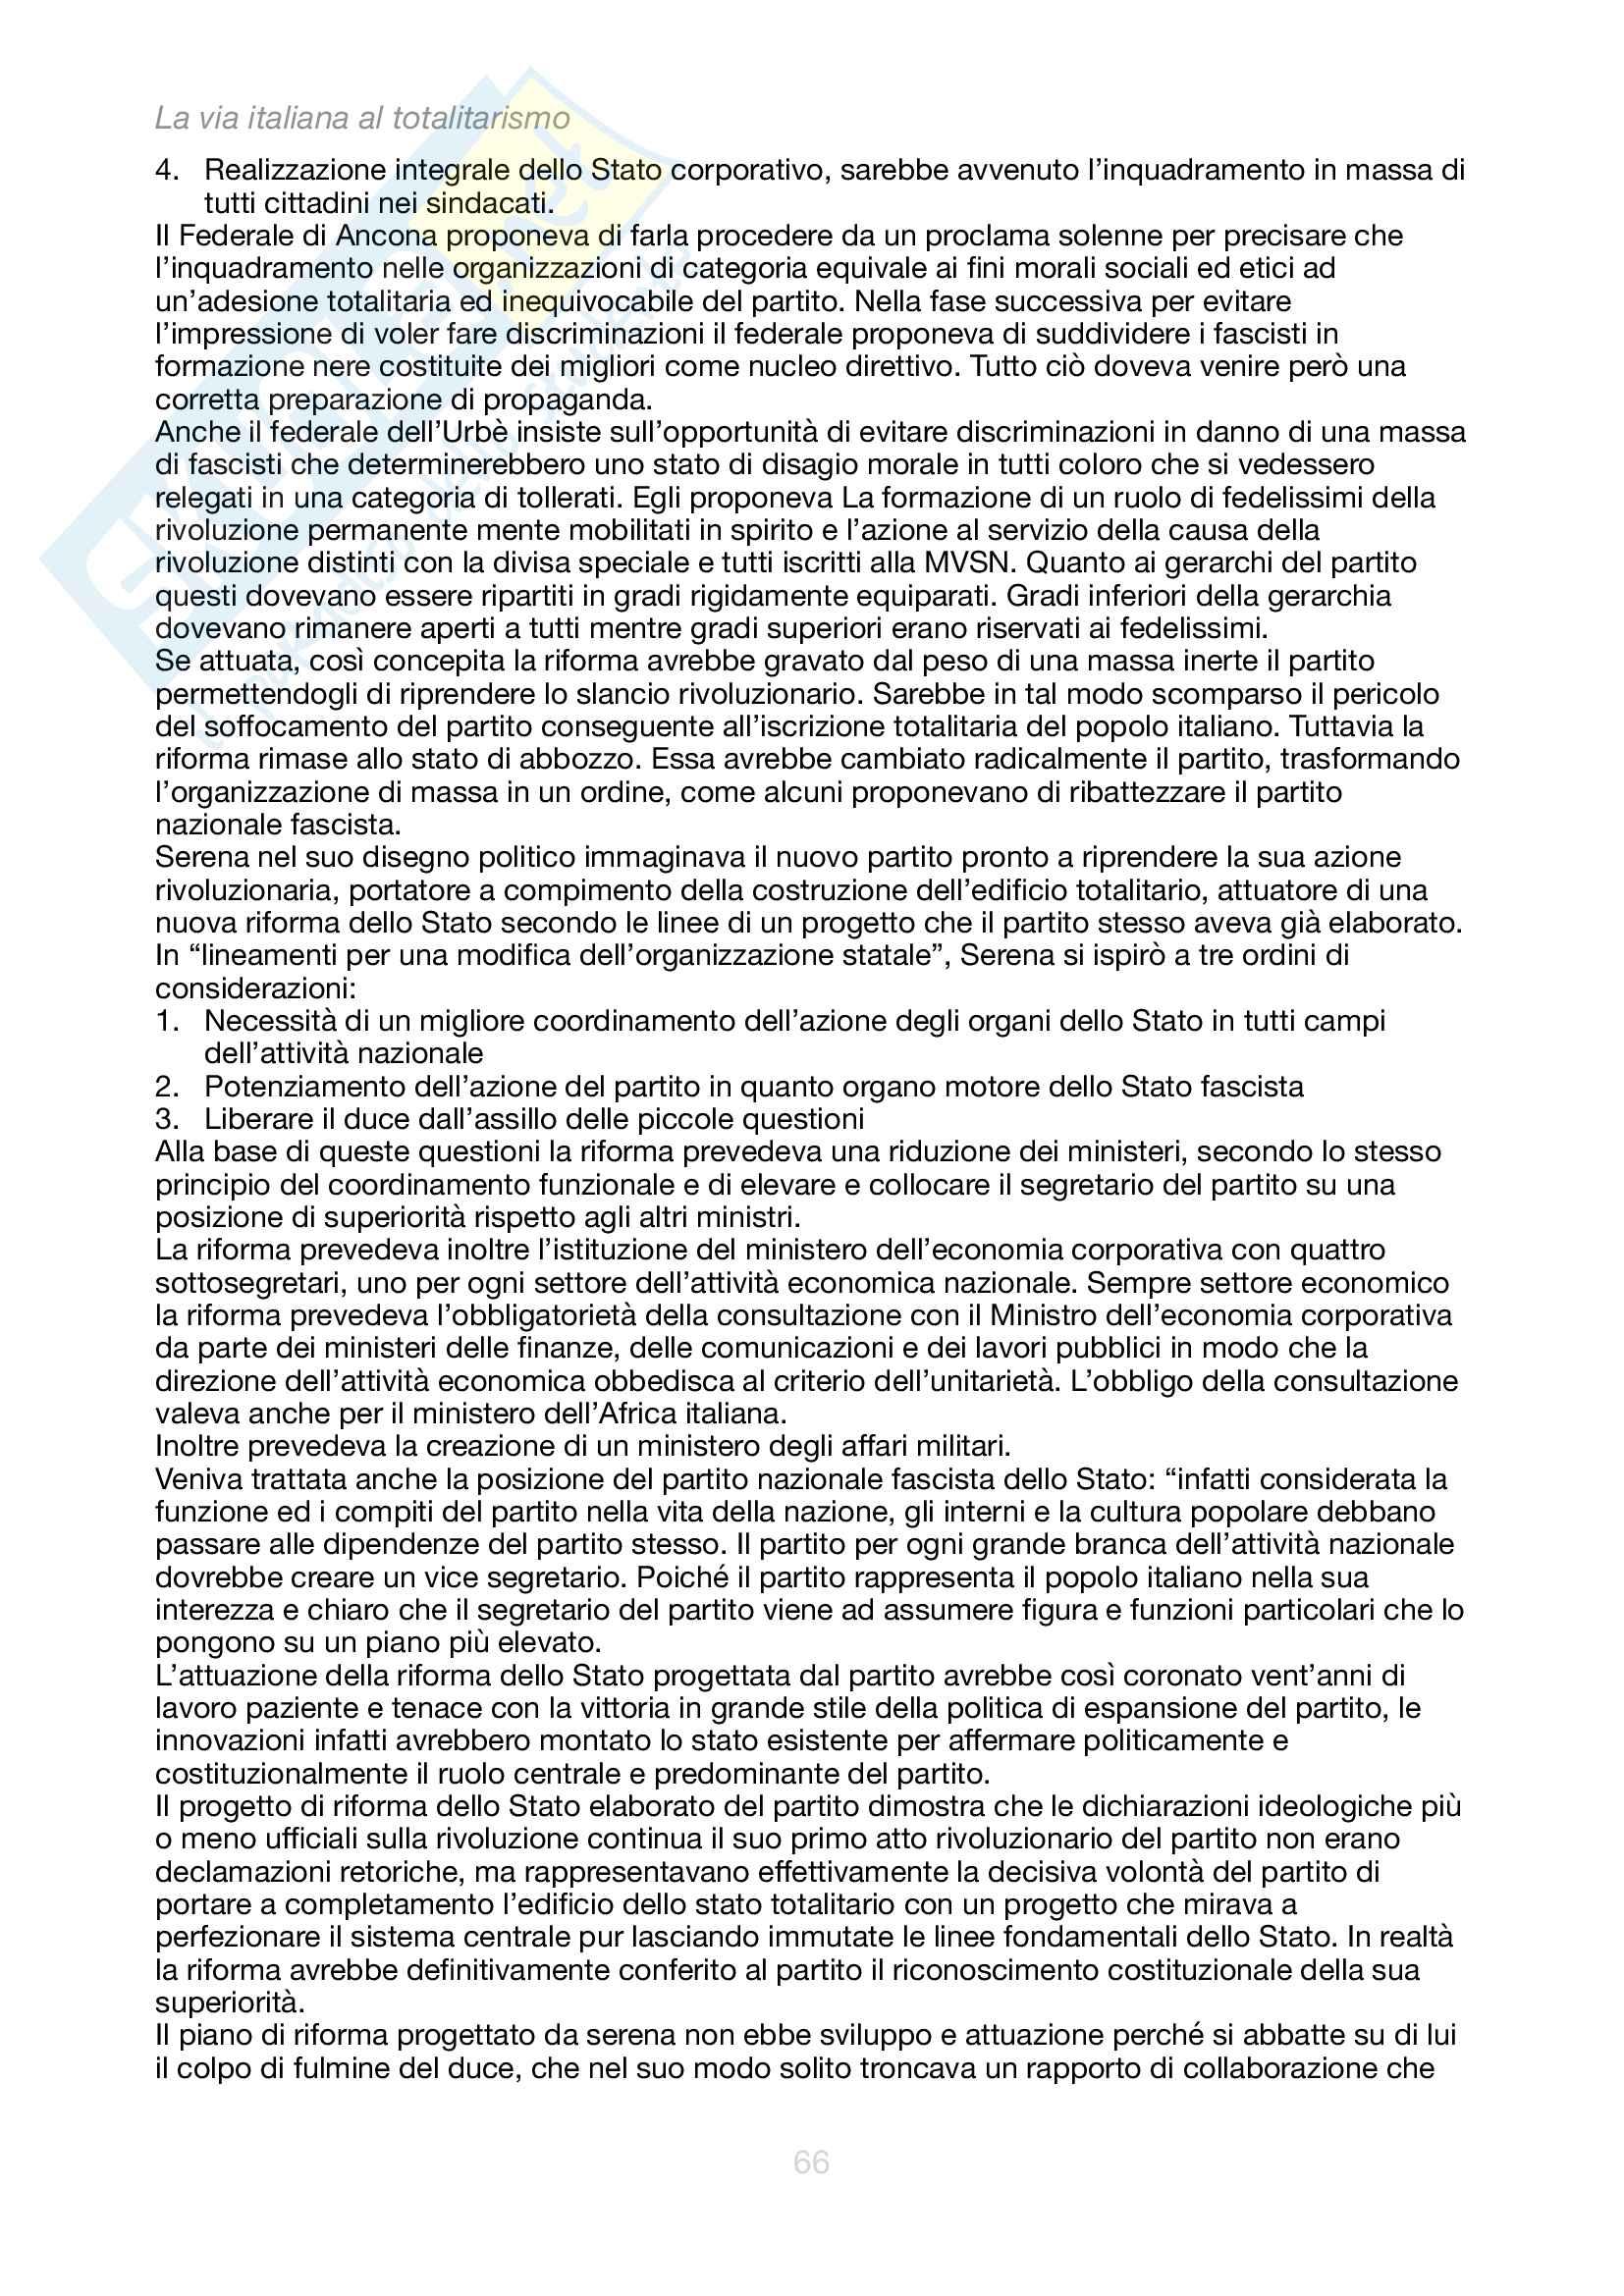 Appunti per l'esame orale di Storia Contemporanea con il prof Cammarano Pag. 66